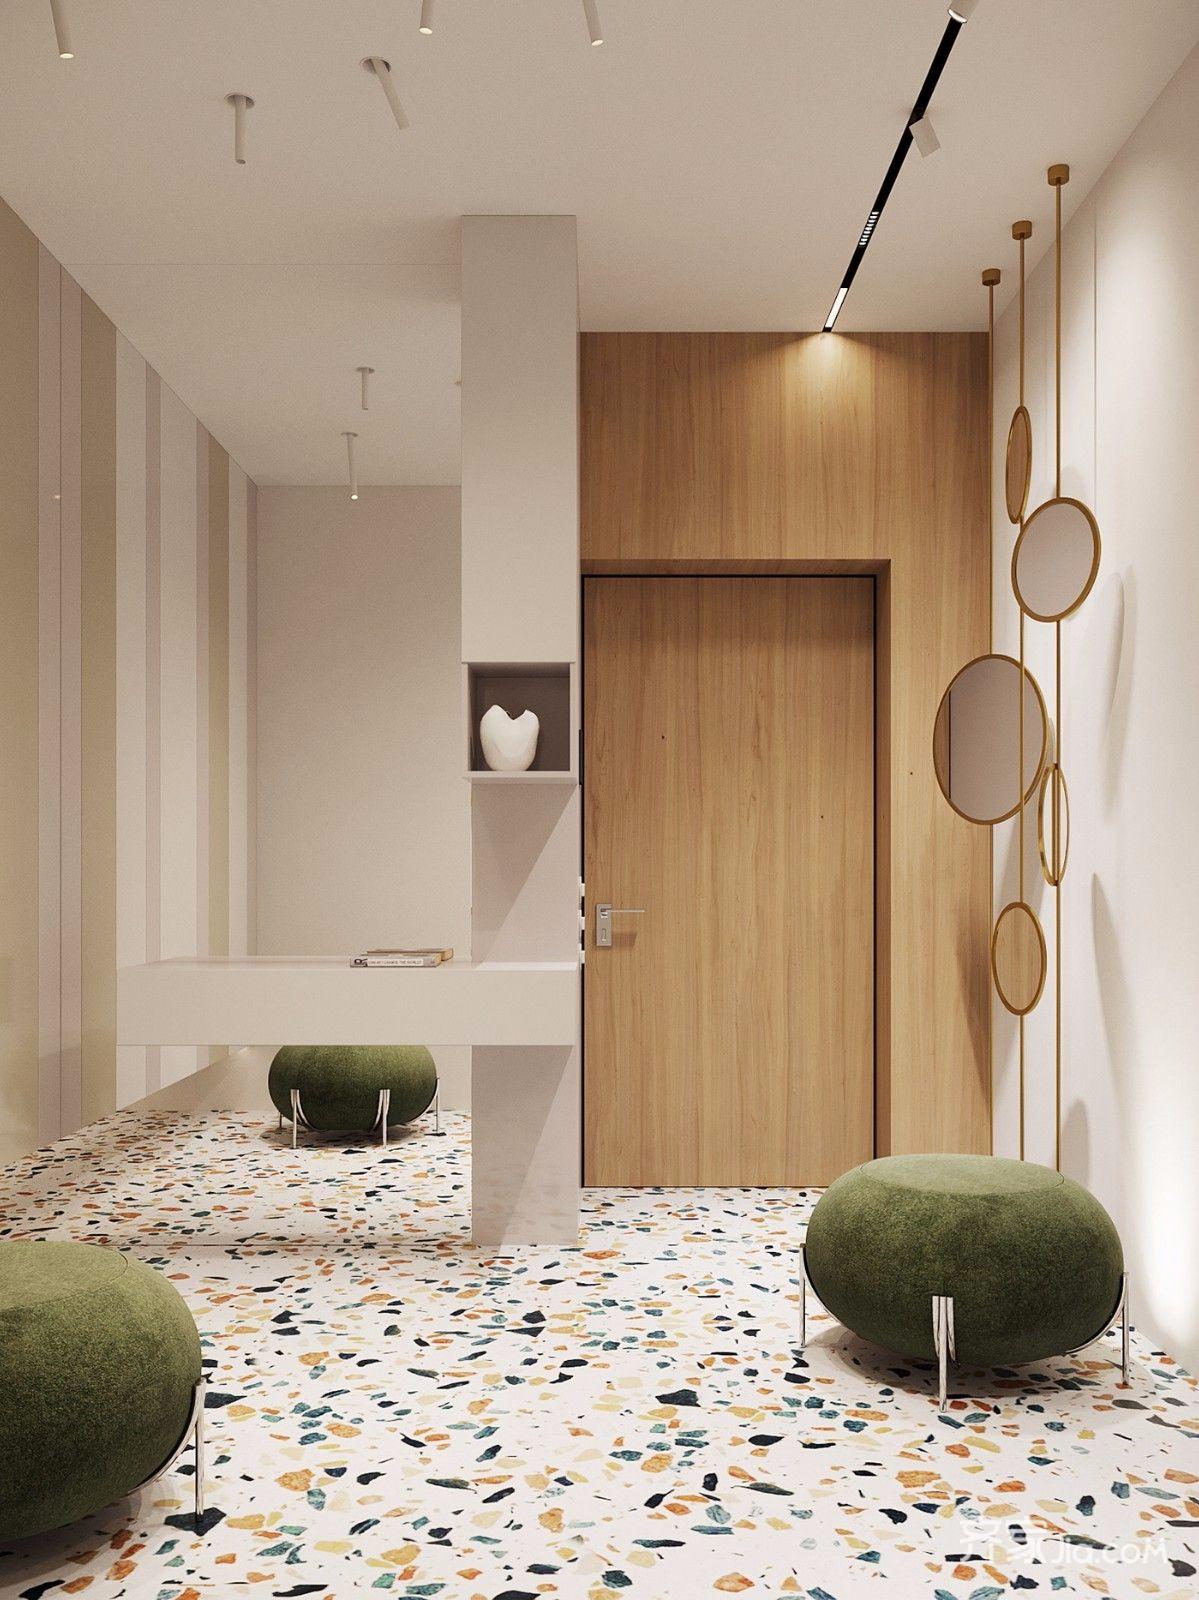 居家部分以素色为基础,水磨石素材顺便形塑风格,居家简单拥有意式风情